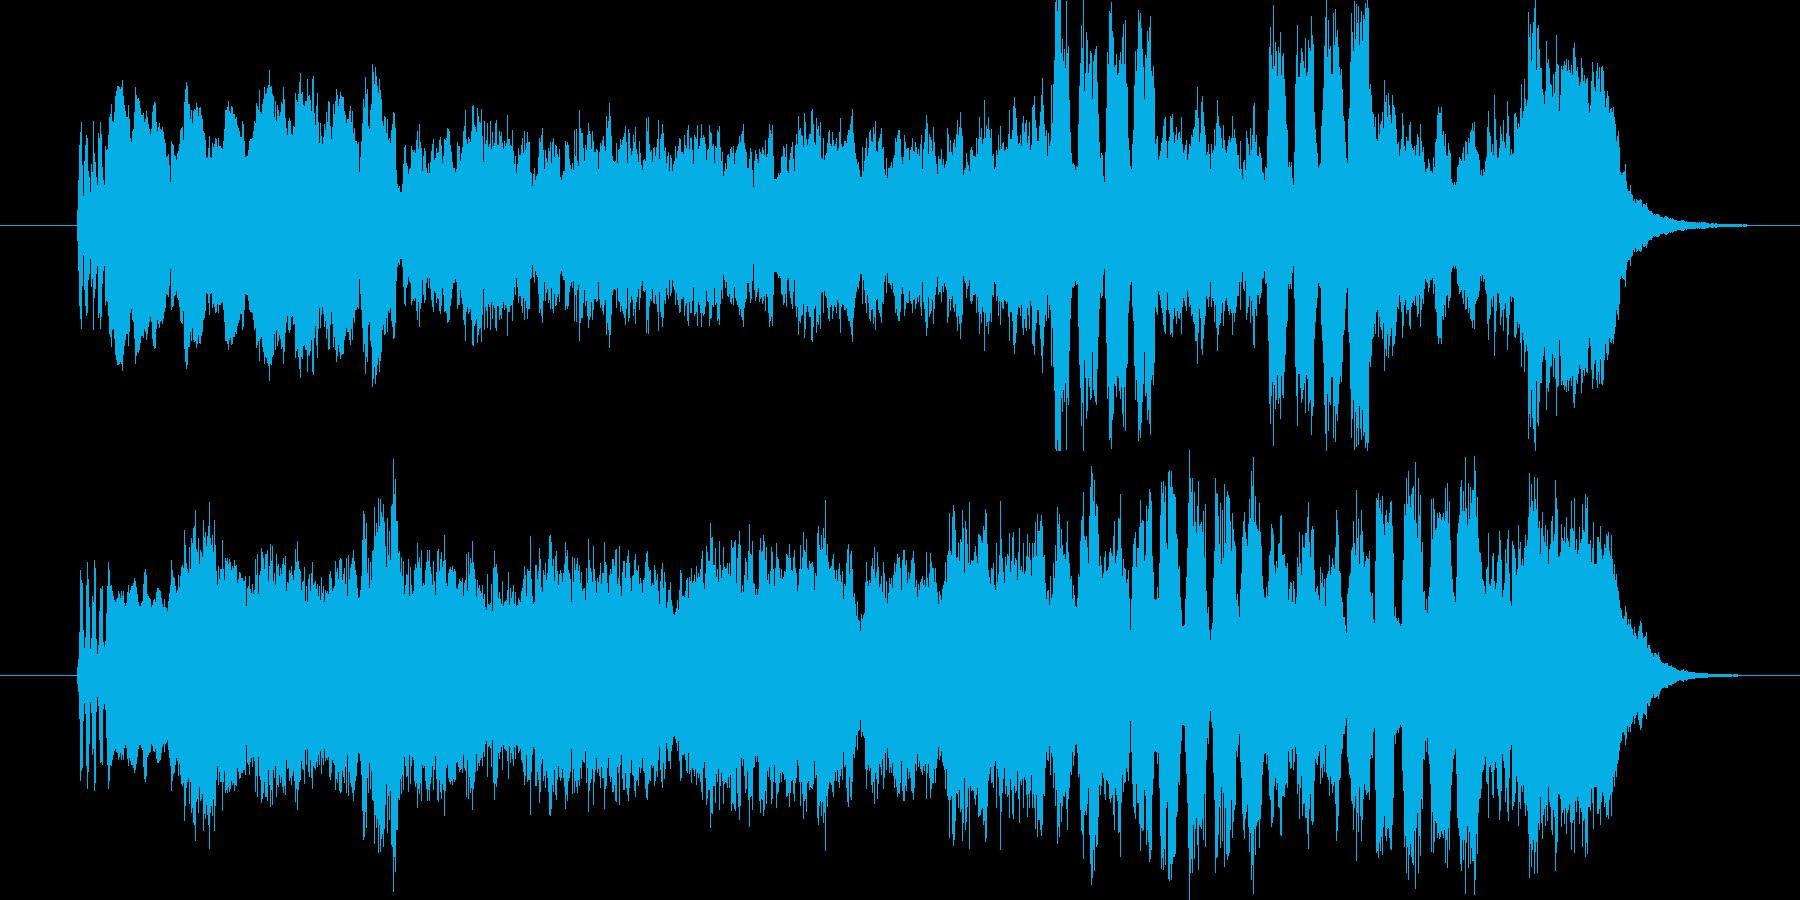 日本風のシンフォニーです。の再生済みの波形